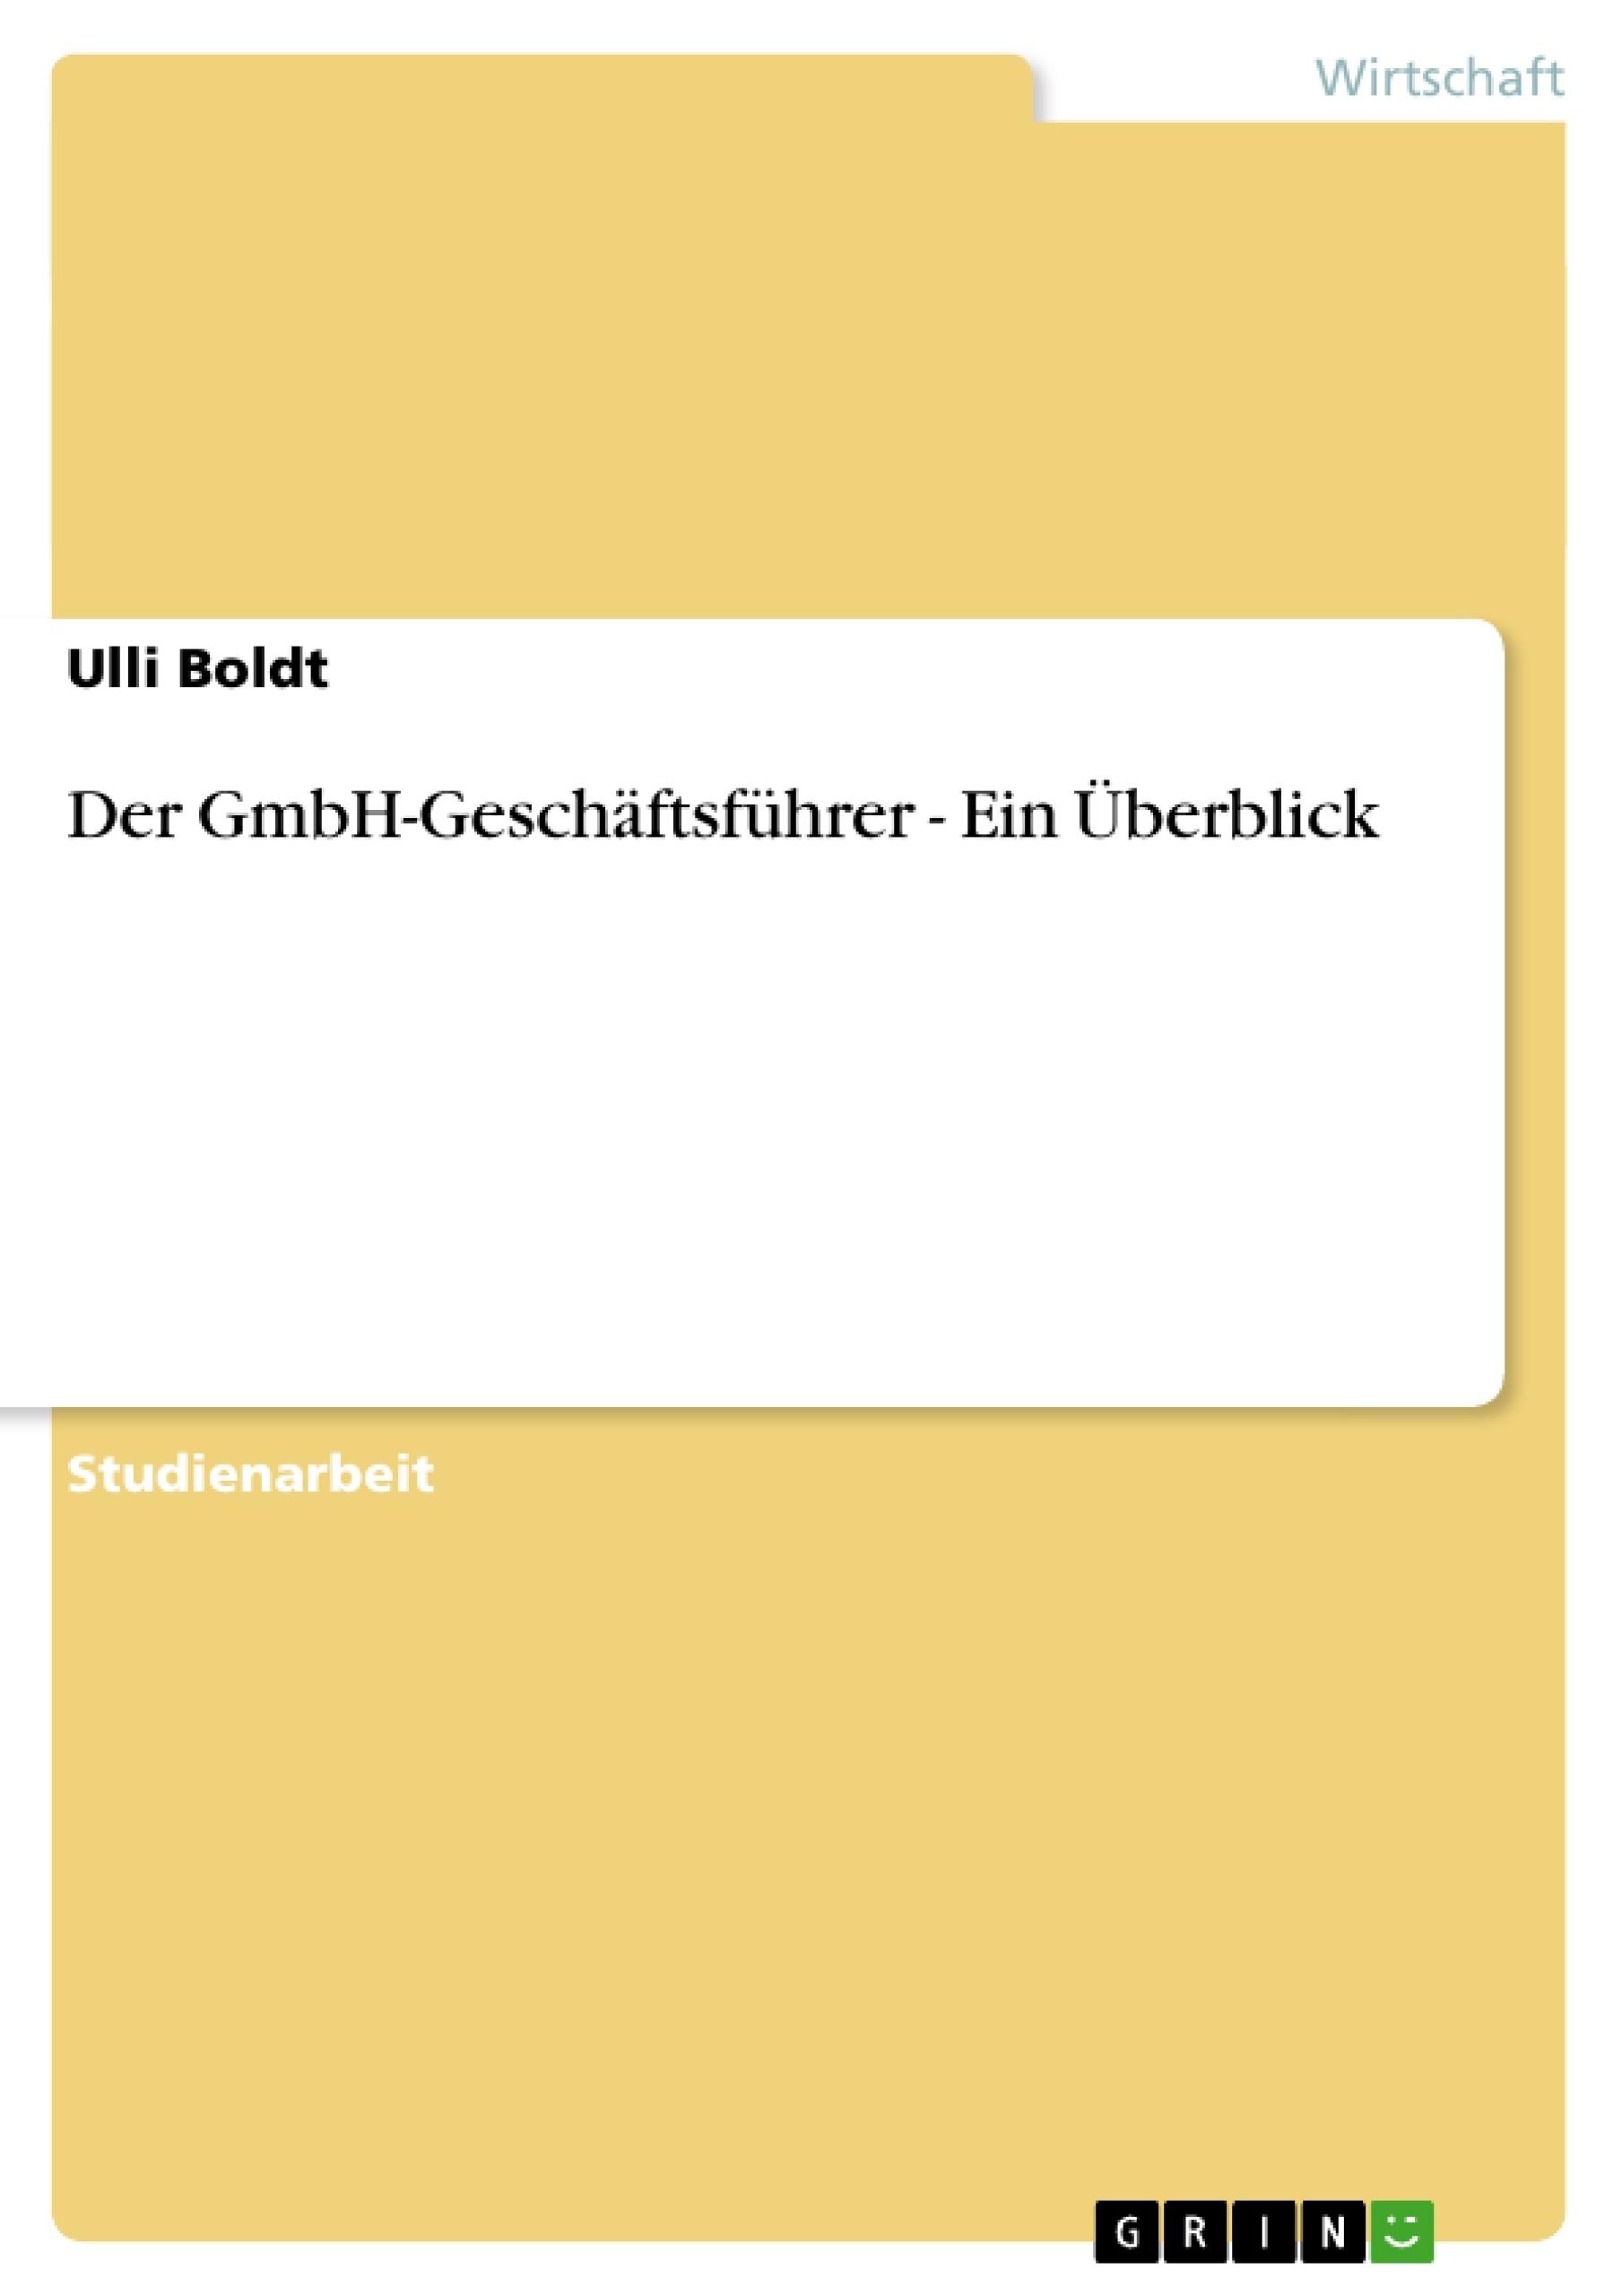 Titel: Der GmbH-Geschäftsführer - Ein Überblick